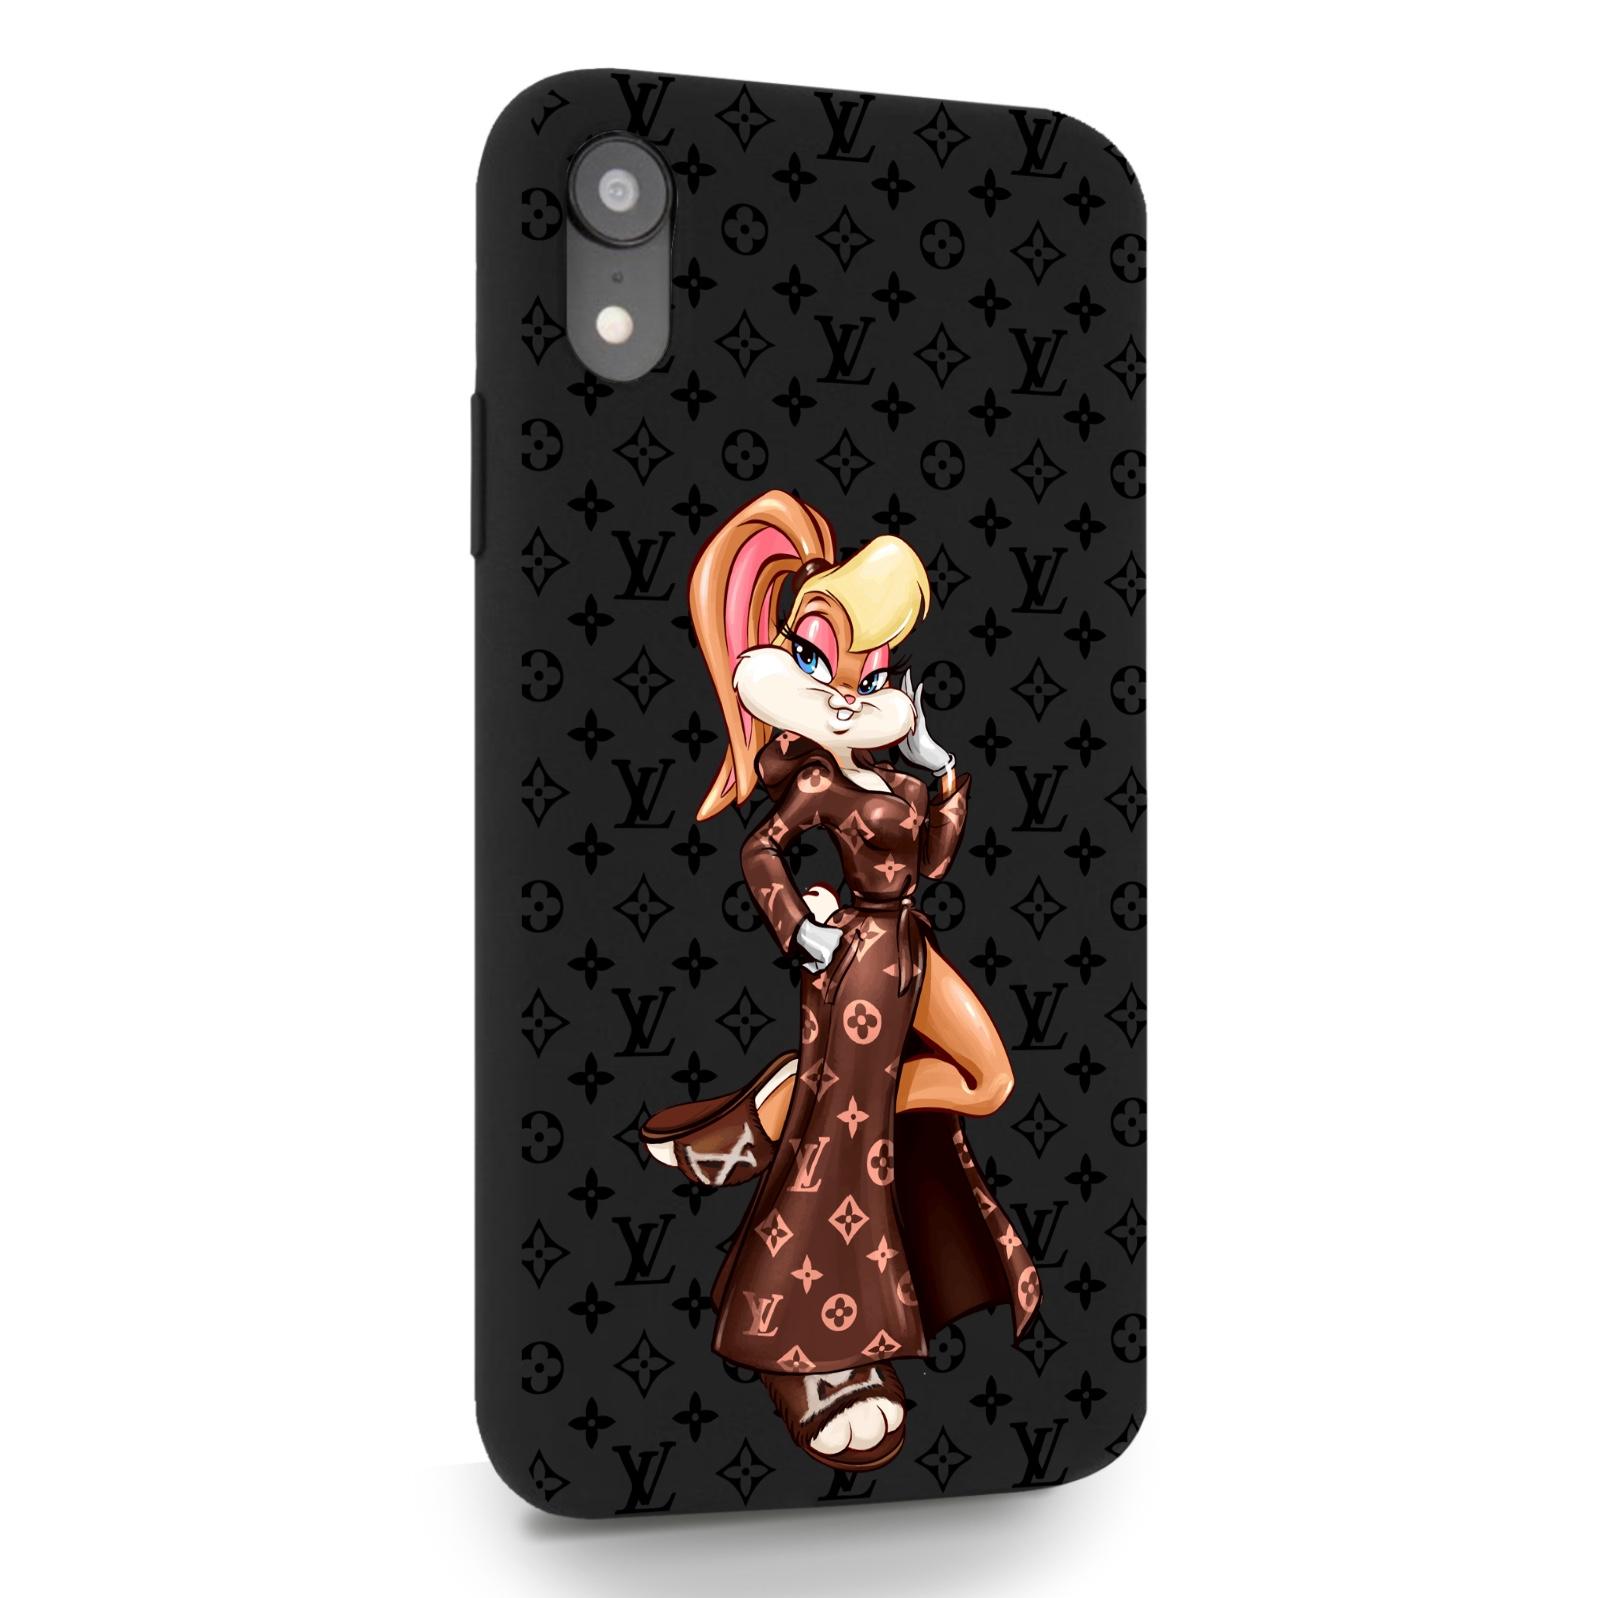 Черный силиконовый чехол для iPhone XR Миссис Богатая Зайка Релакс LV/ Mrs. Rich Bunny Relax LV для Айфон 10R